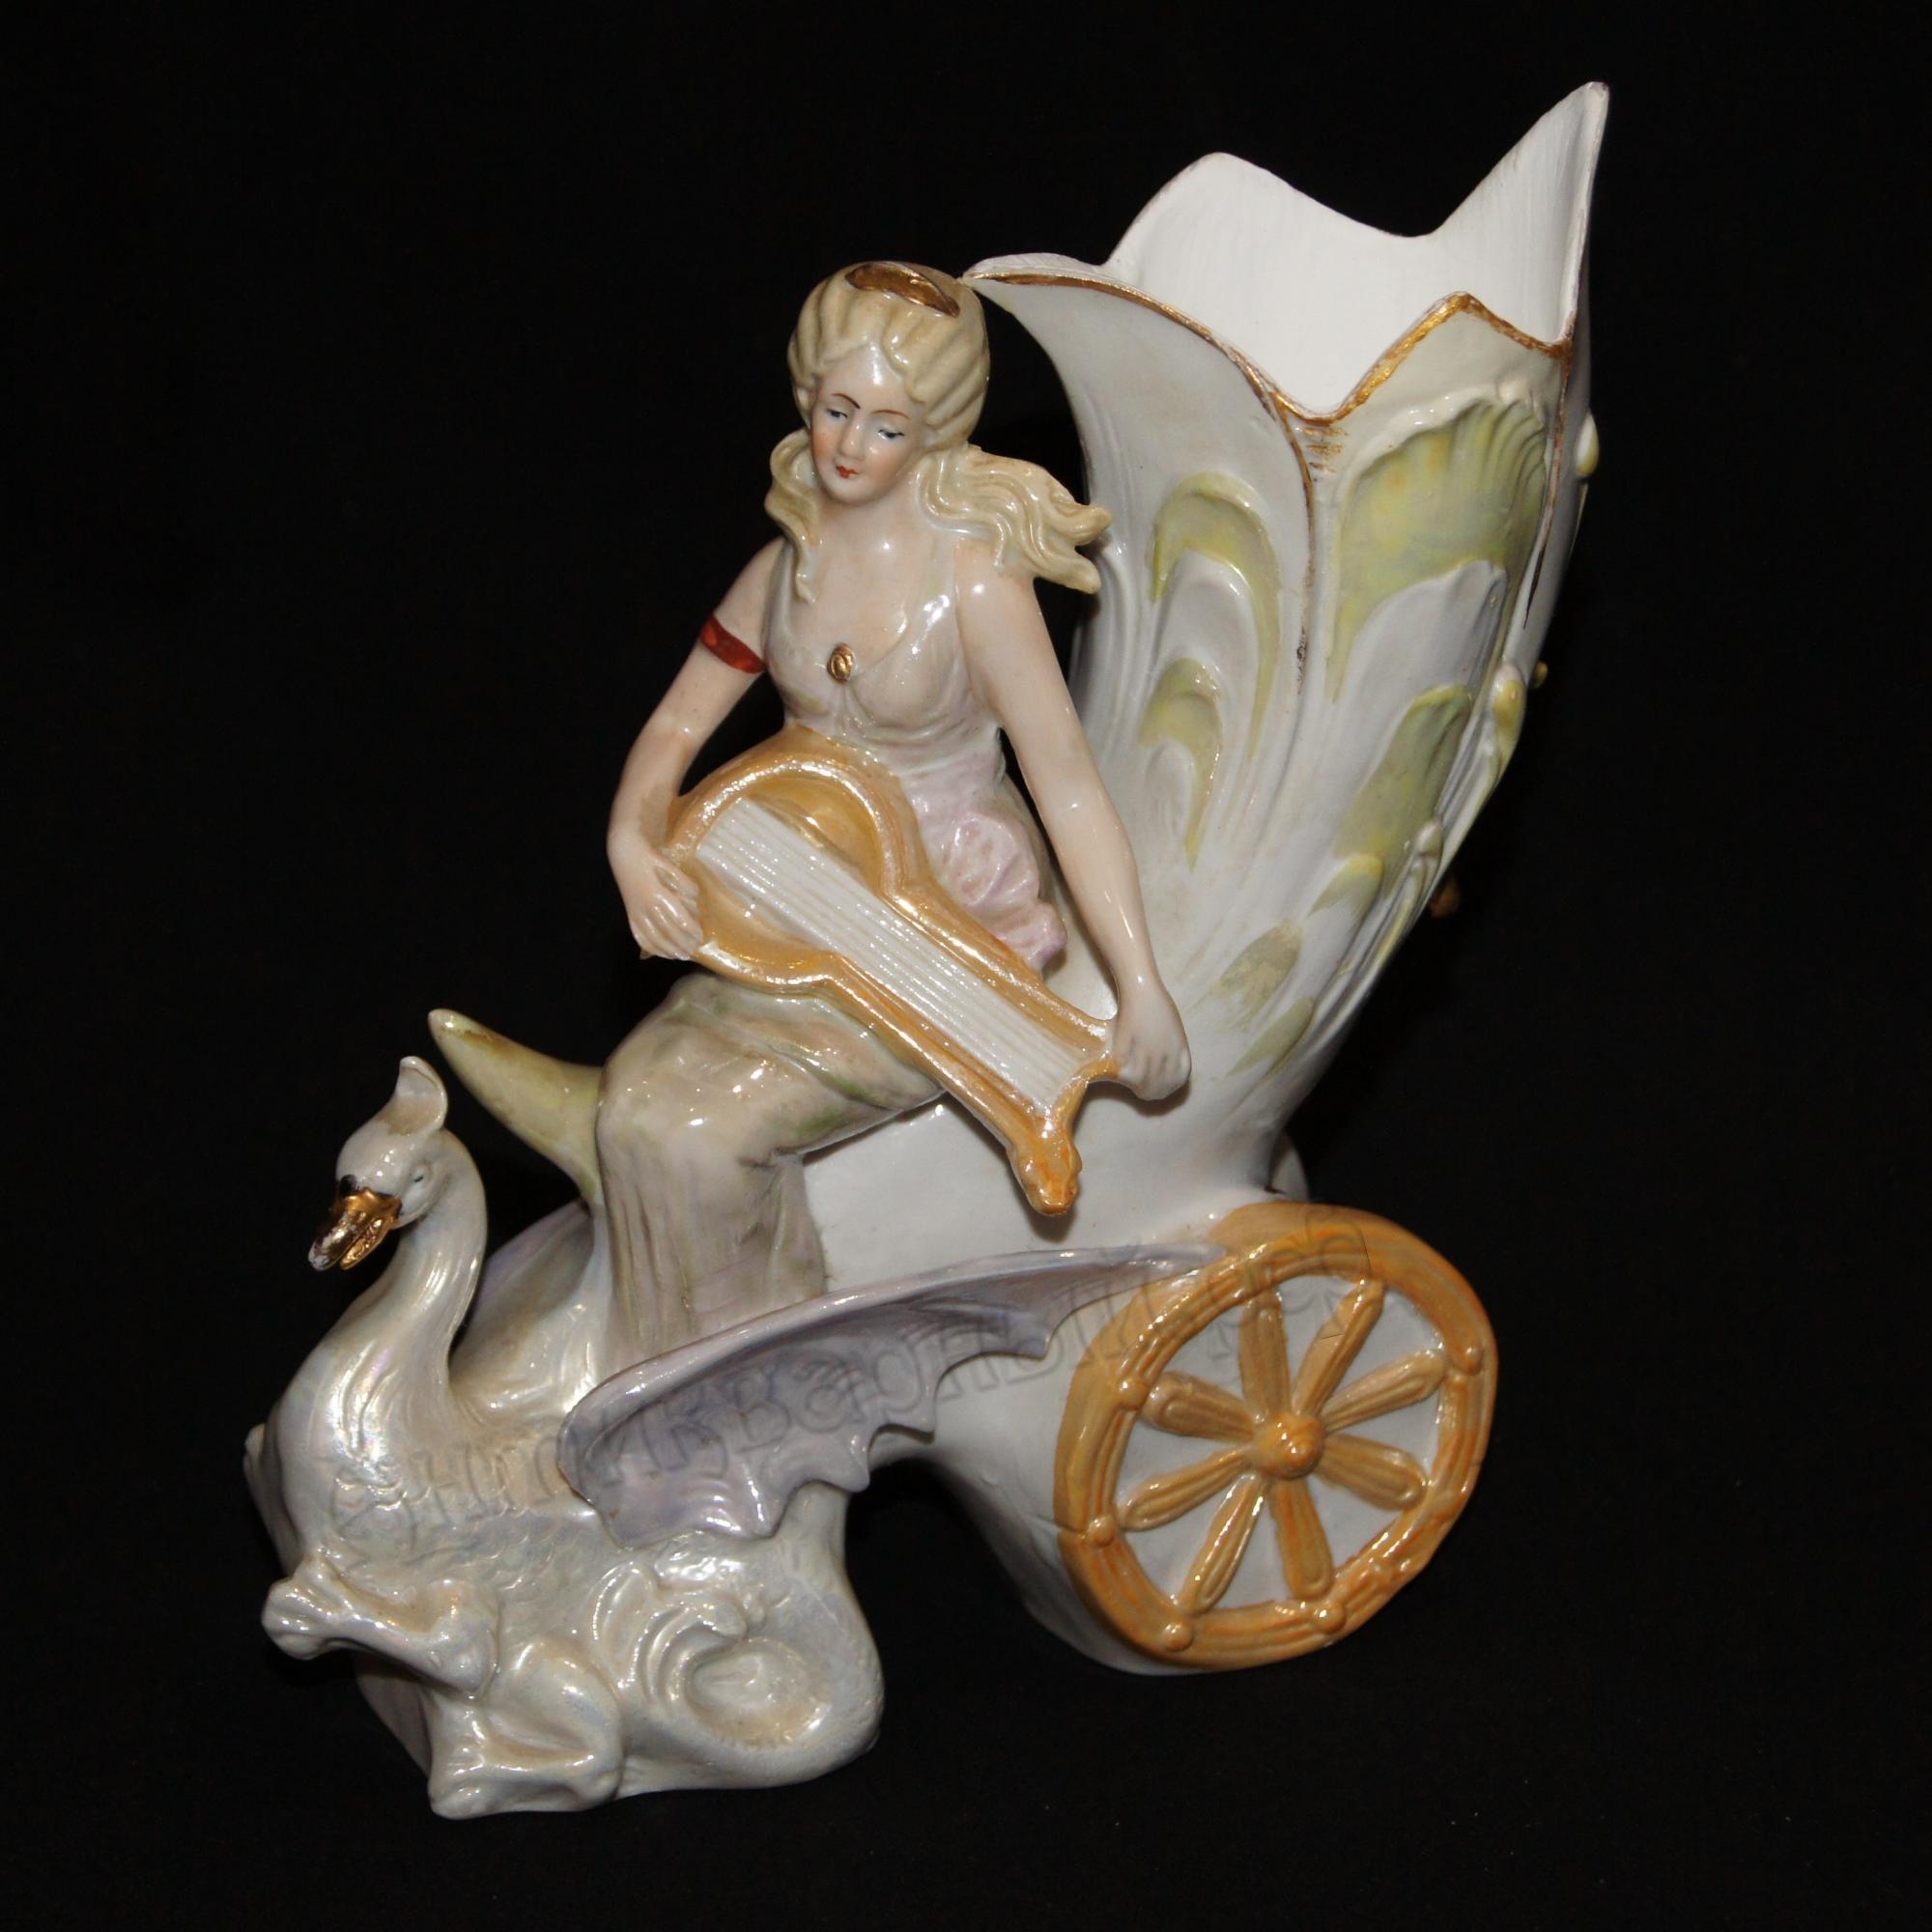 девушка с лютней на колеснице с лебедем. гдр, 60е годы